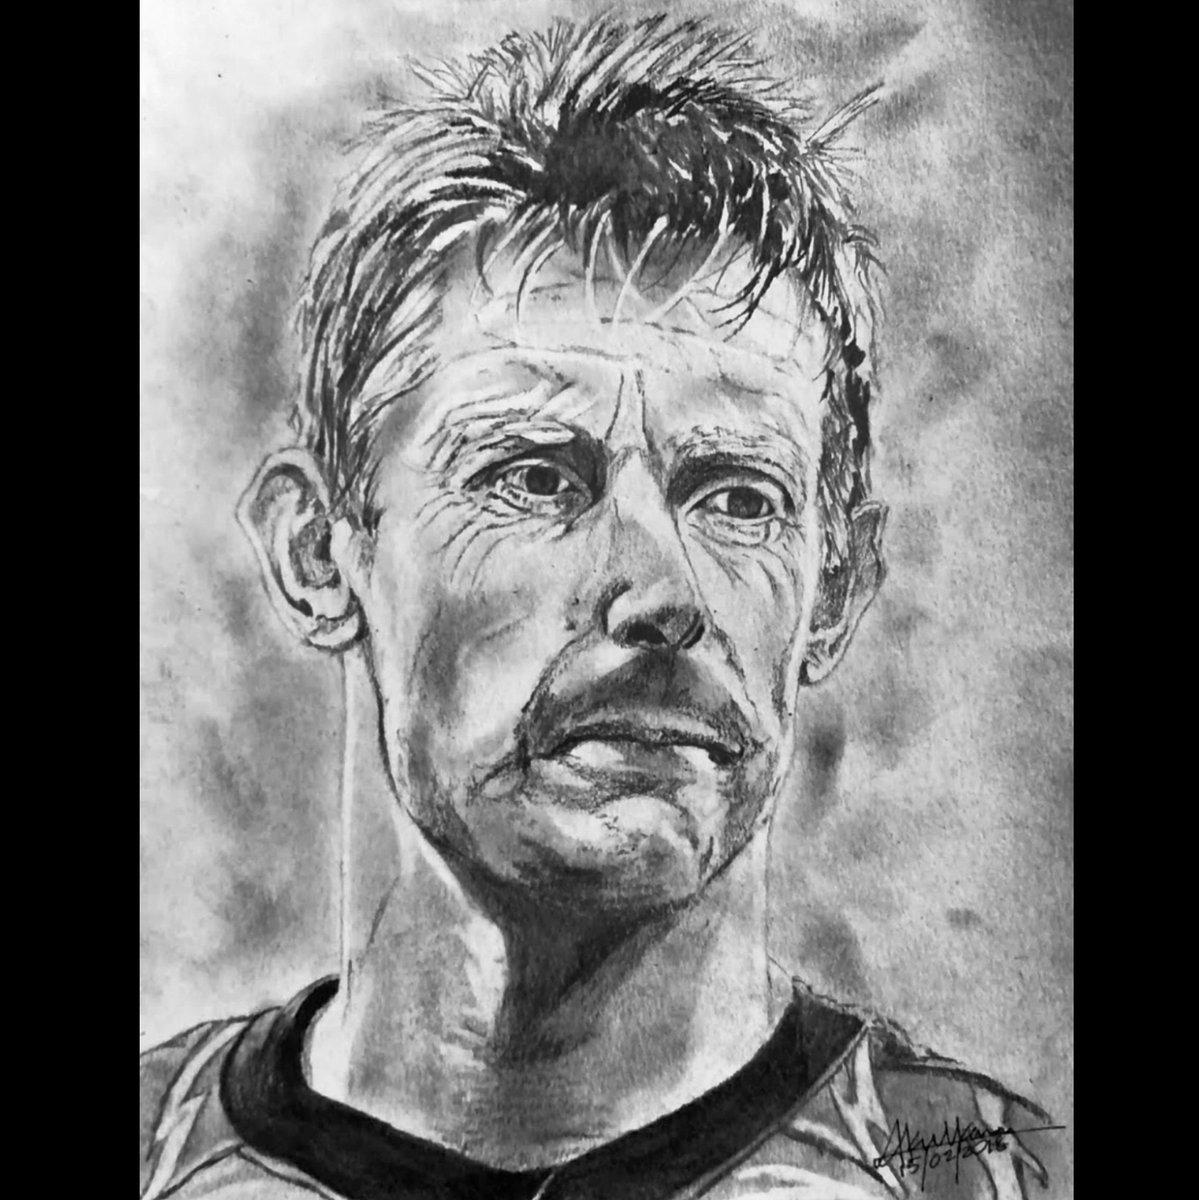 Made a new sketch of @vdsar1970 @vdsar1970 @vdsar1970 @vdsar1970 @ManUtd @ManUtd @ManUtd #MUFC #ManchesterUnited #vandersar #edwinvandersar #reddevils #Manchester #oldtrafford #PremierLeague #plfanzone